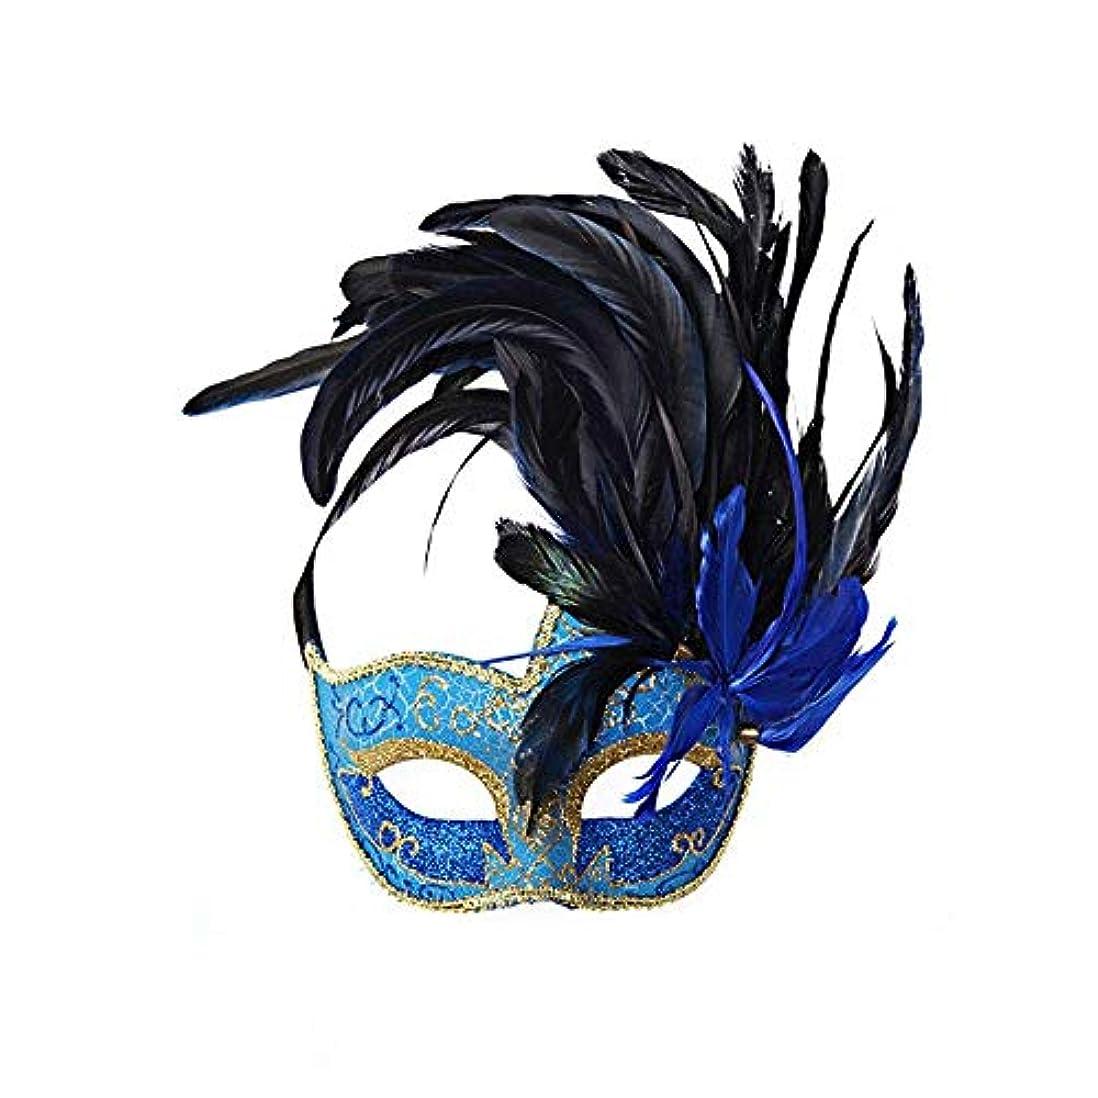 レースラジウムジェットNanle ハロウィンマスクハーフフェザーマスクベニスプリンセスマスク美容レース仮面ライダーコスプレ (色 : Style A blue)